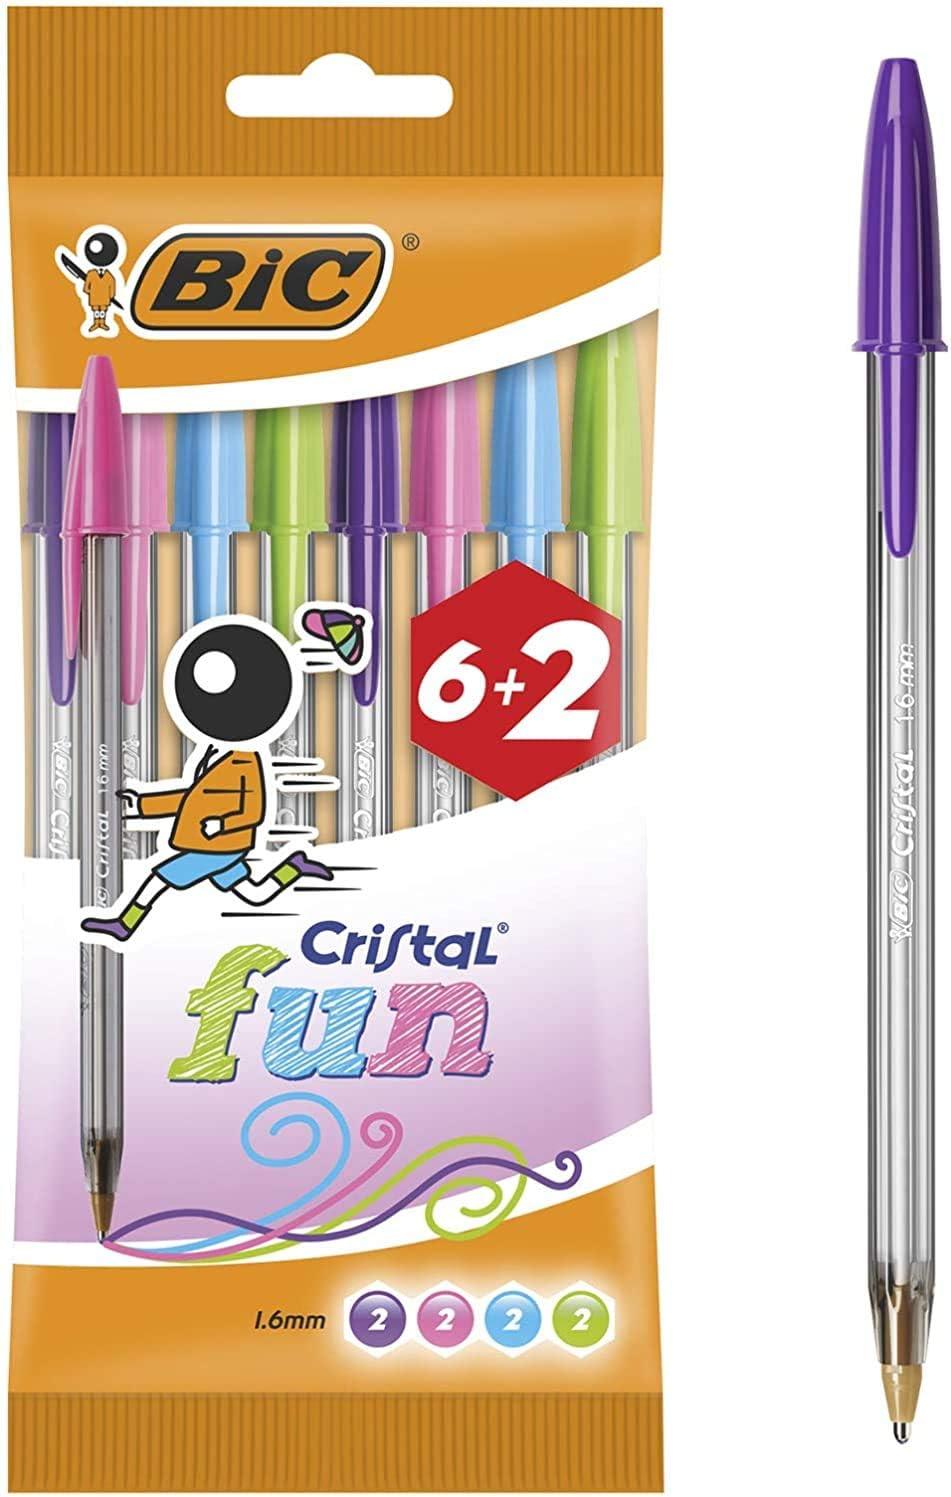 BIC Cristal Fun Bolígrafos Punta Ancha (1,6 mm) – Colores Surtidos, Blíster de 6+2 Unidades - Bolígrafos para escritura suave en color morado, rosa, verde lima y turquesa: Amazon.es: Oficina y papelería